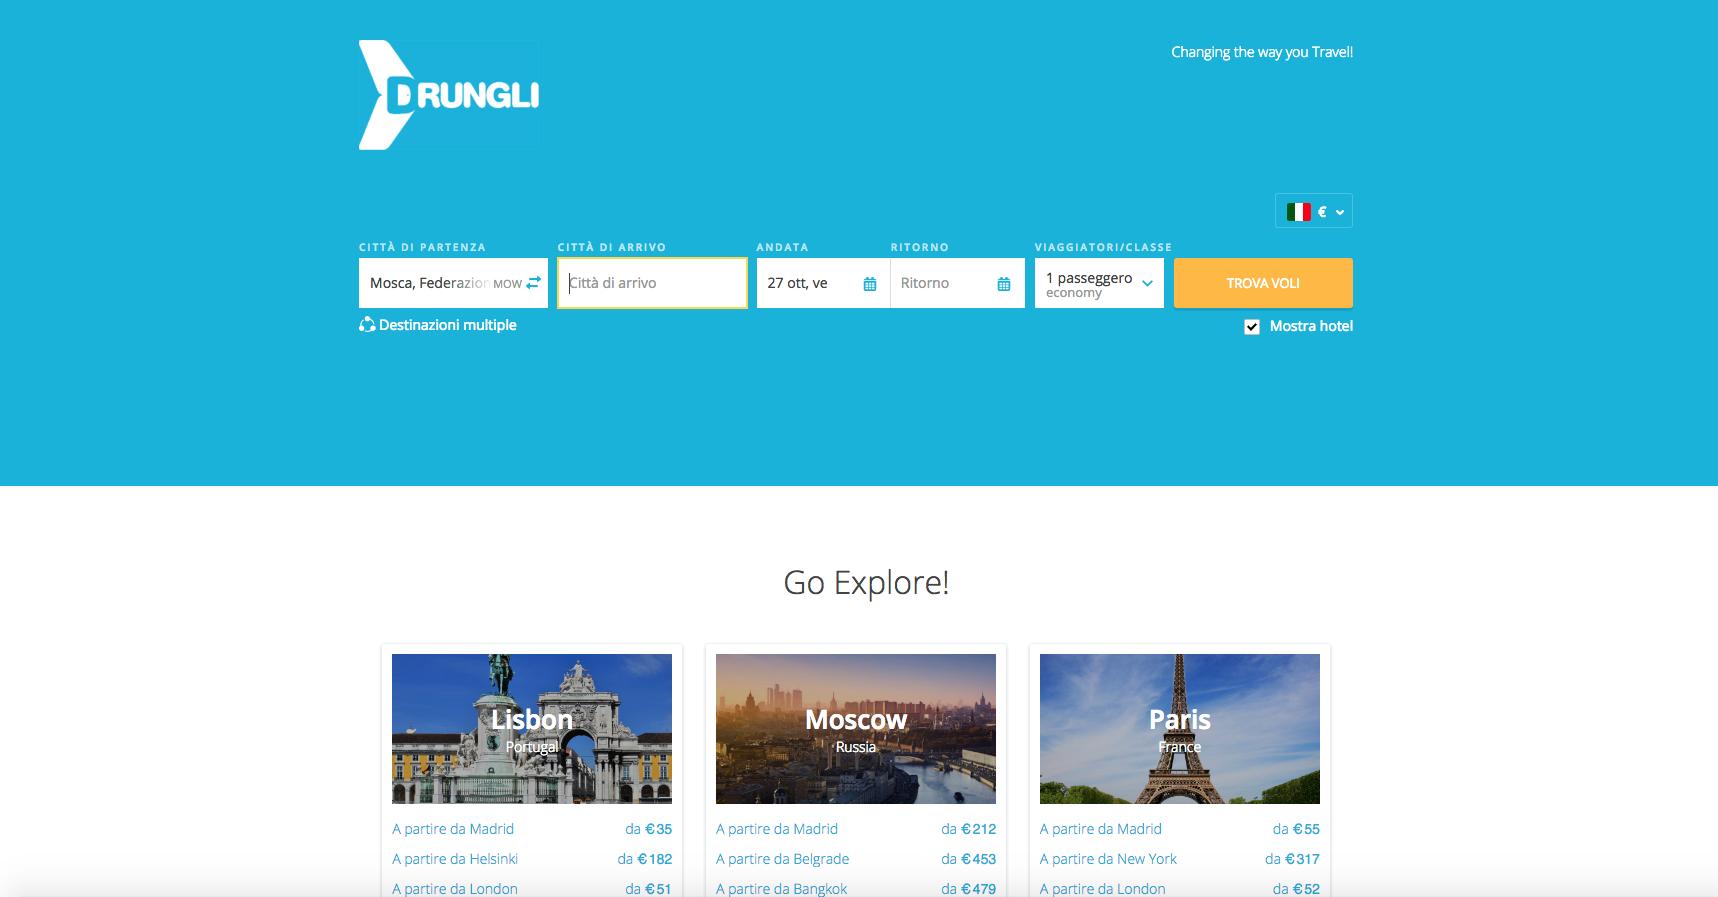 siti web di viaggi: dungli